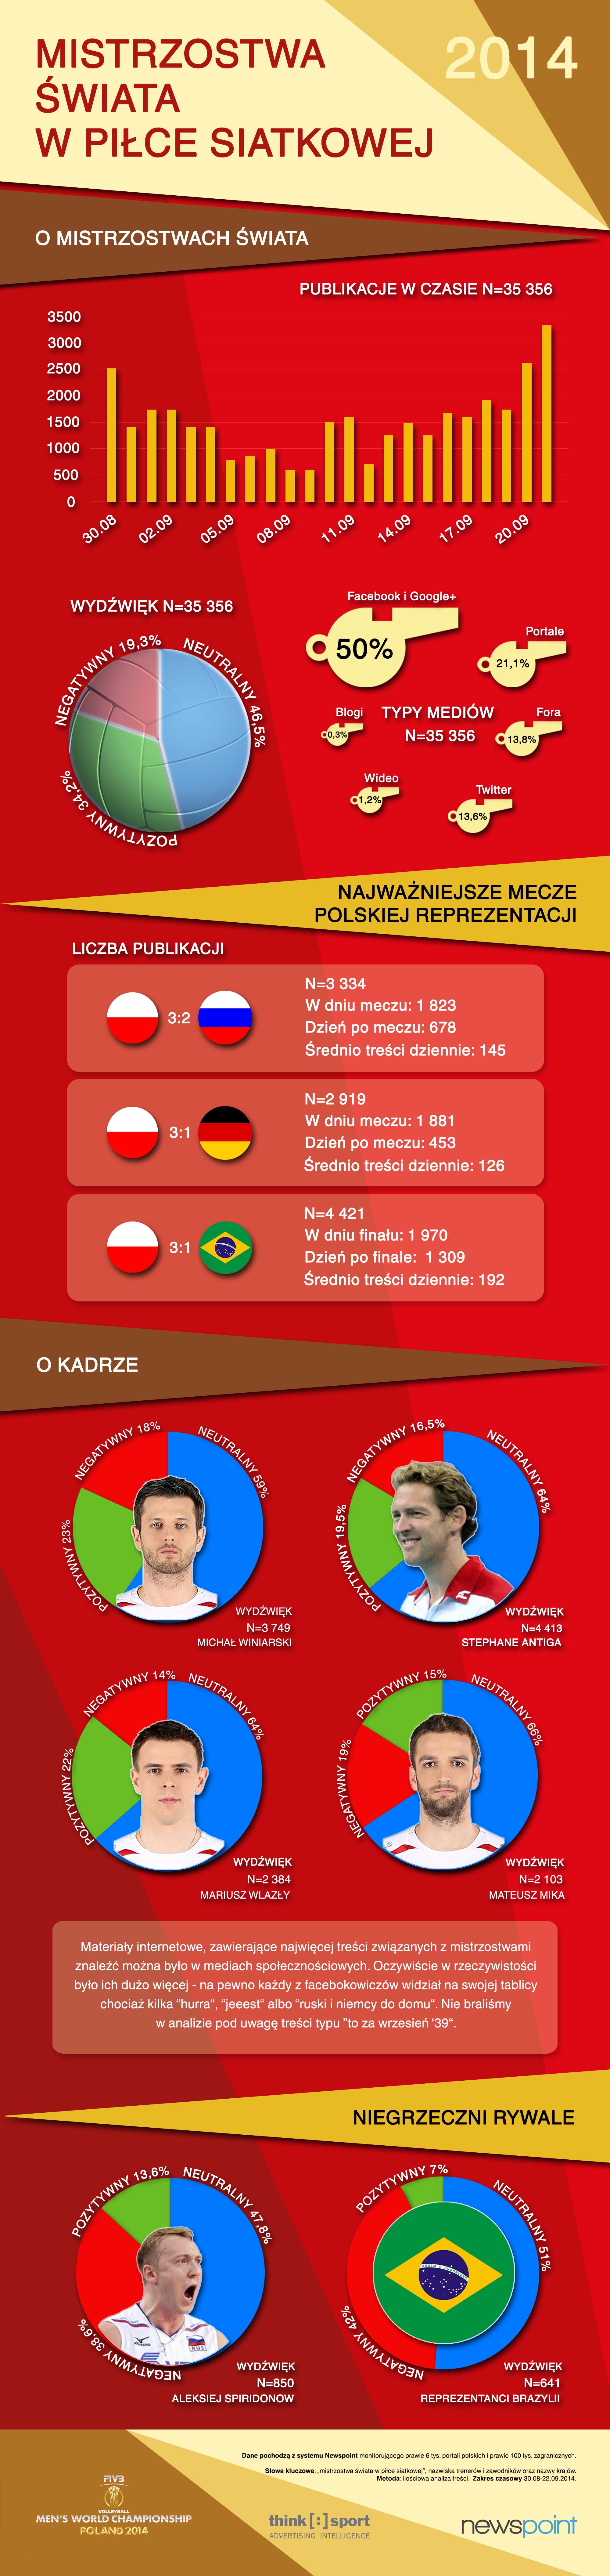 Mistrzostwa świata w piłce siatkowej